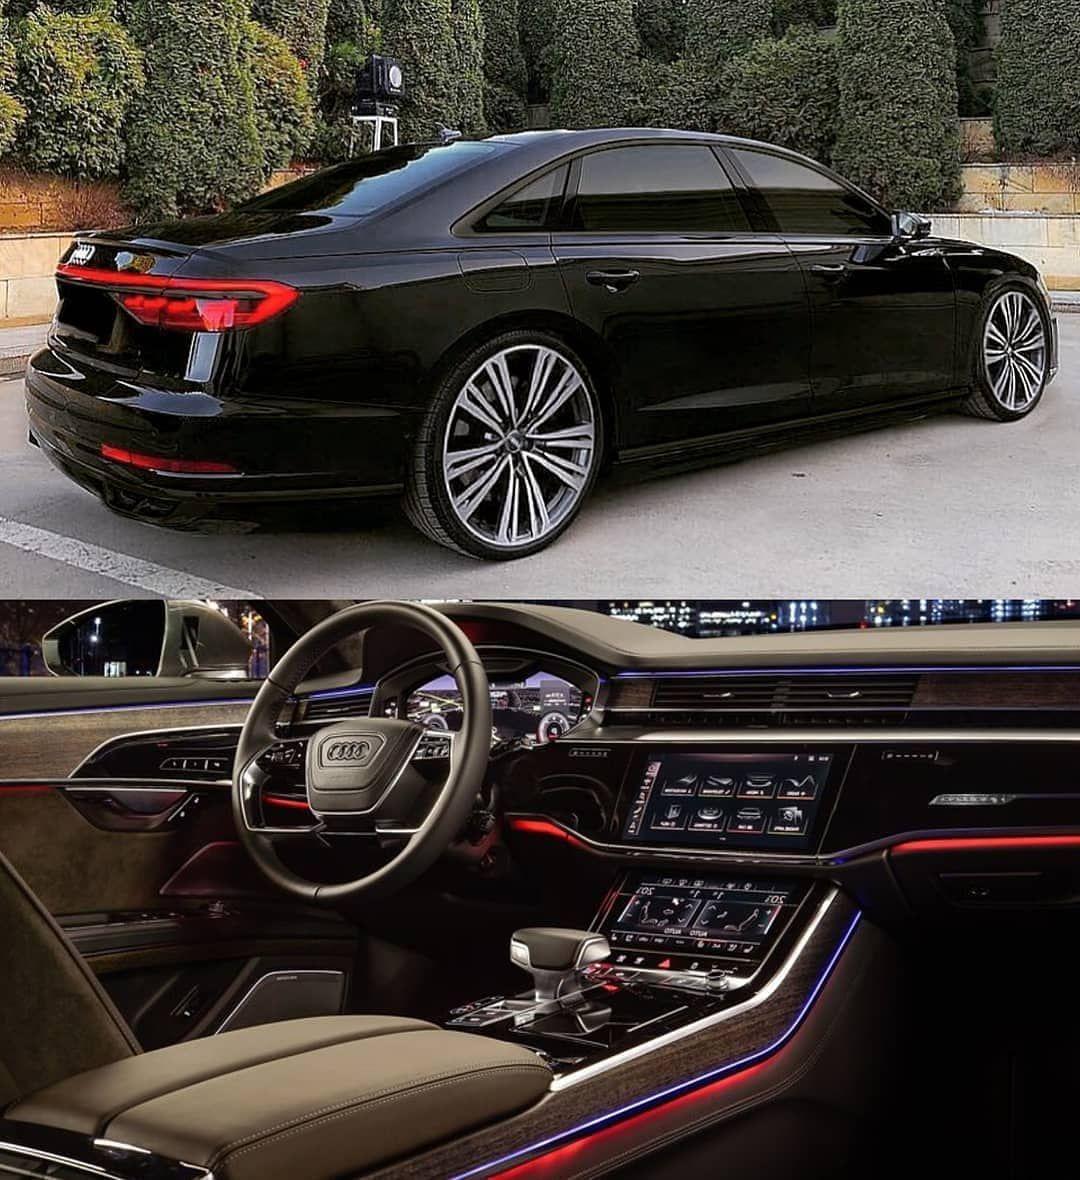 Kelebihan Kekurangan Audi A8L 2019 Spesifikasi